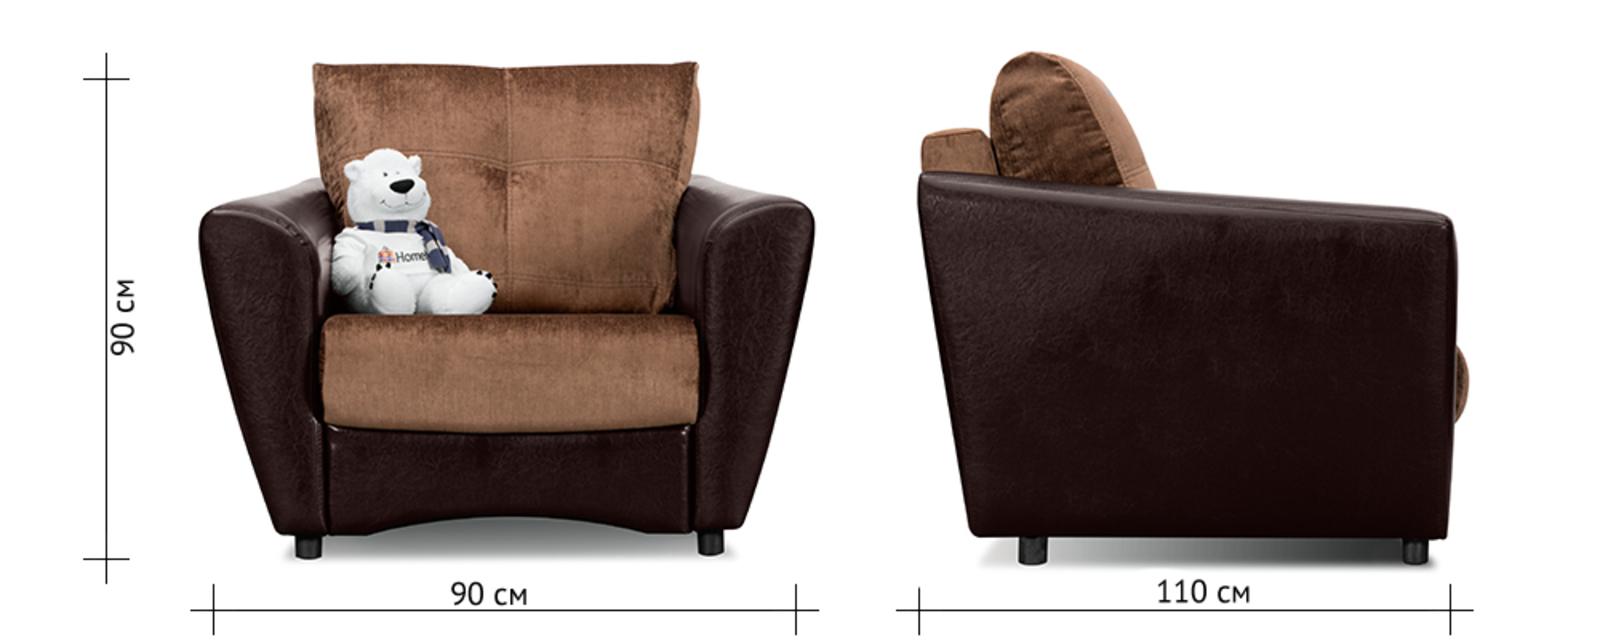 Кресло тканевое Амстердам LIFE коричневый (Ткань + Экокожа) от HomeMe.ru